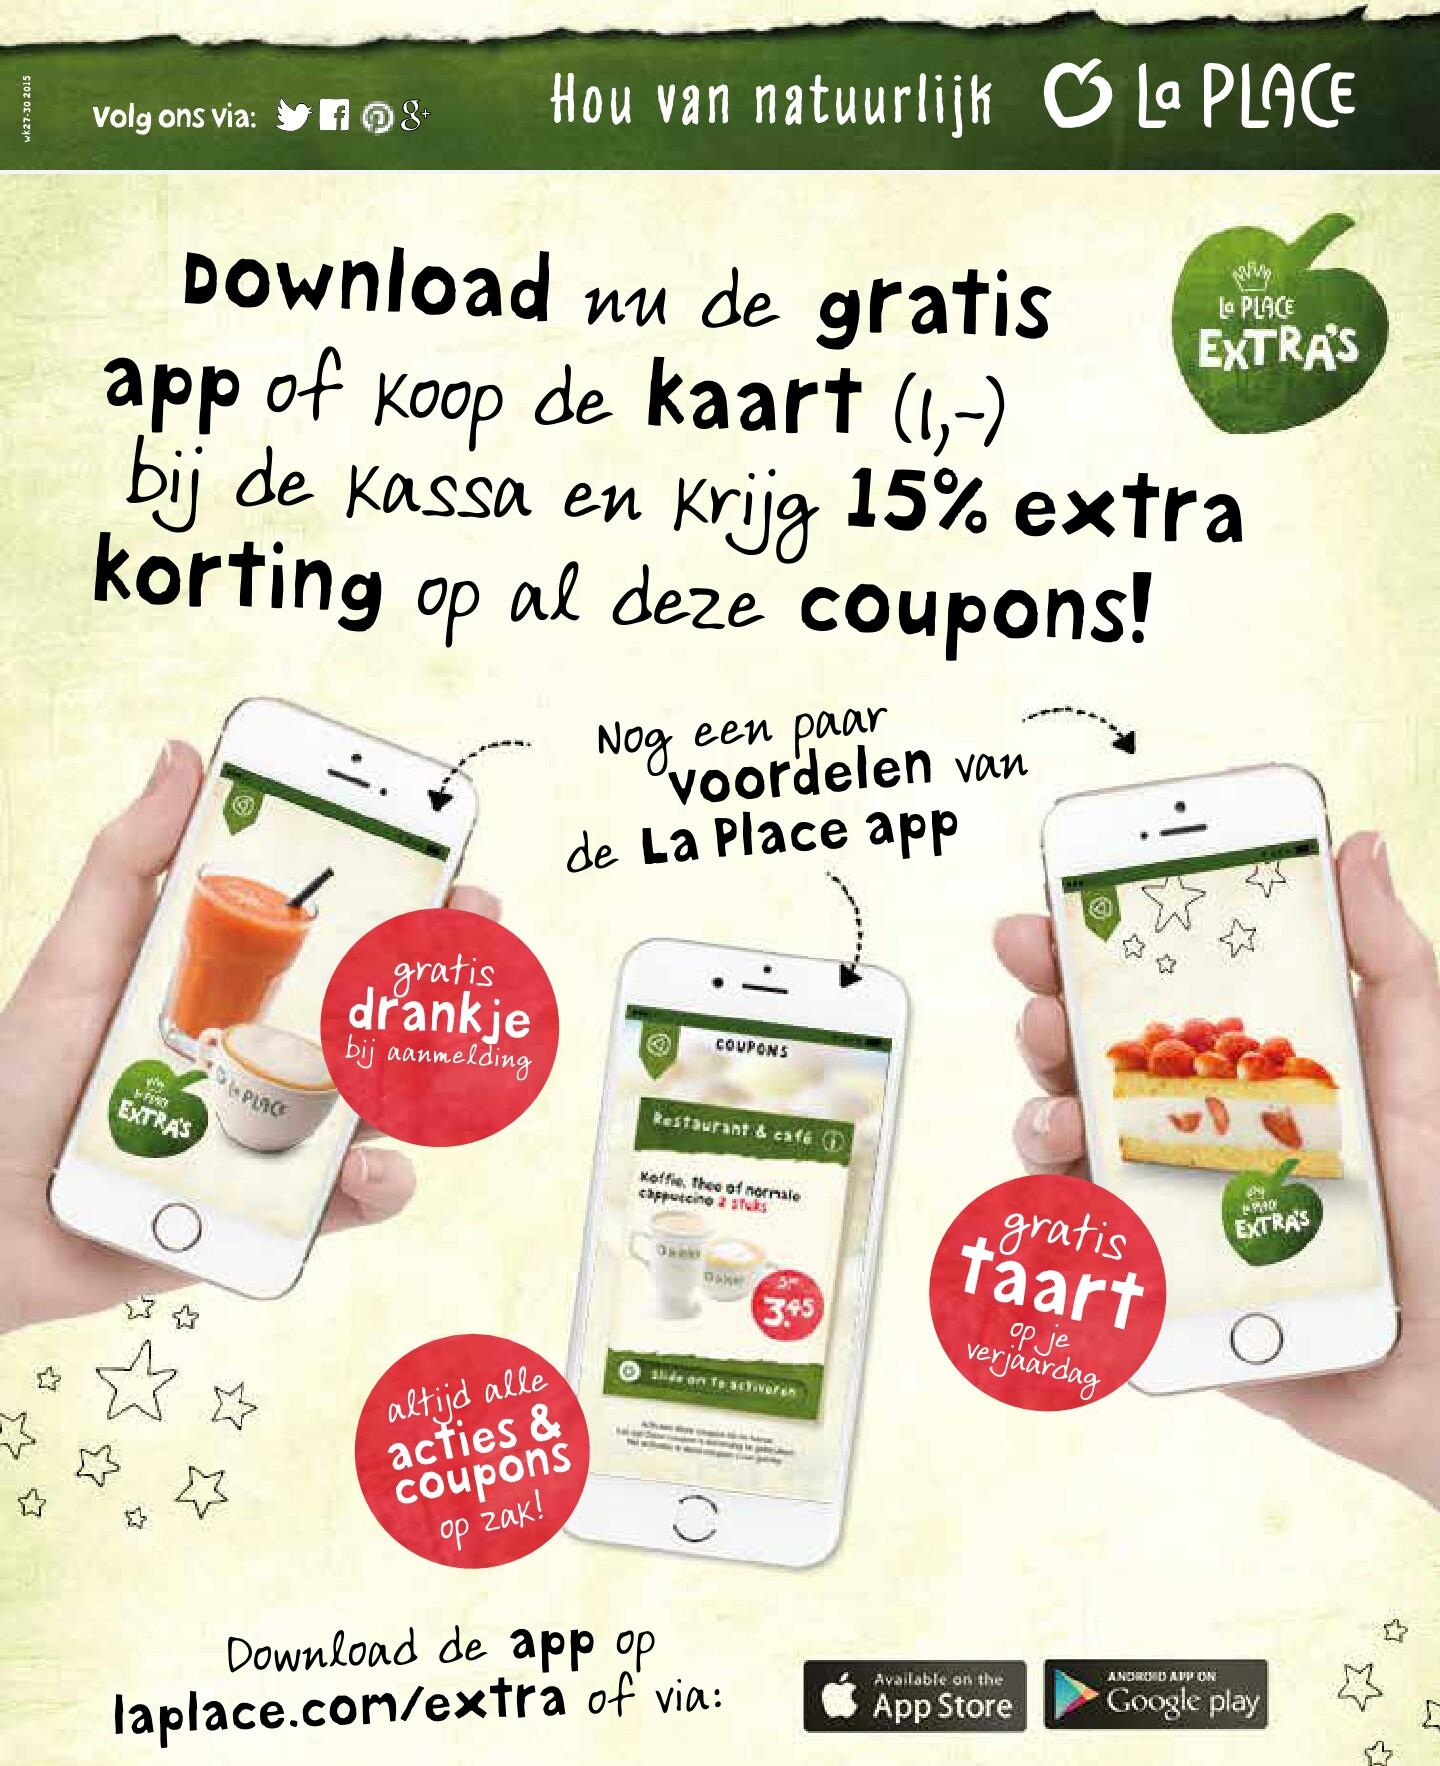 Gratis drankje bij aanmelding + Gratis taart op je verjaardag en 15% extra korting op alle coupons @ La Place App